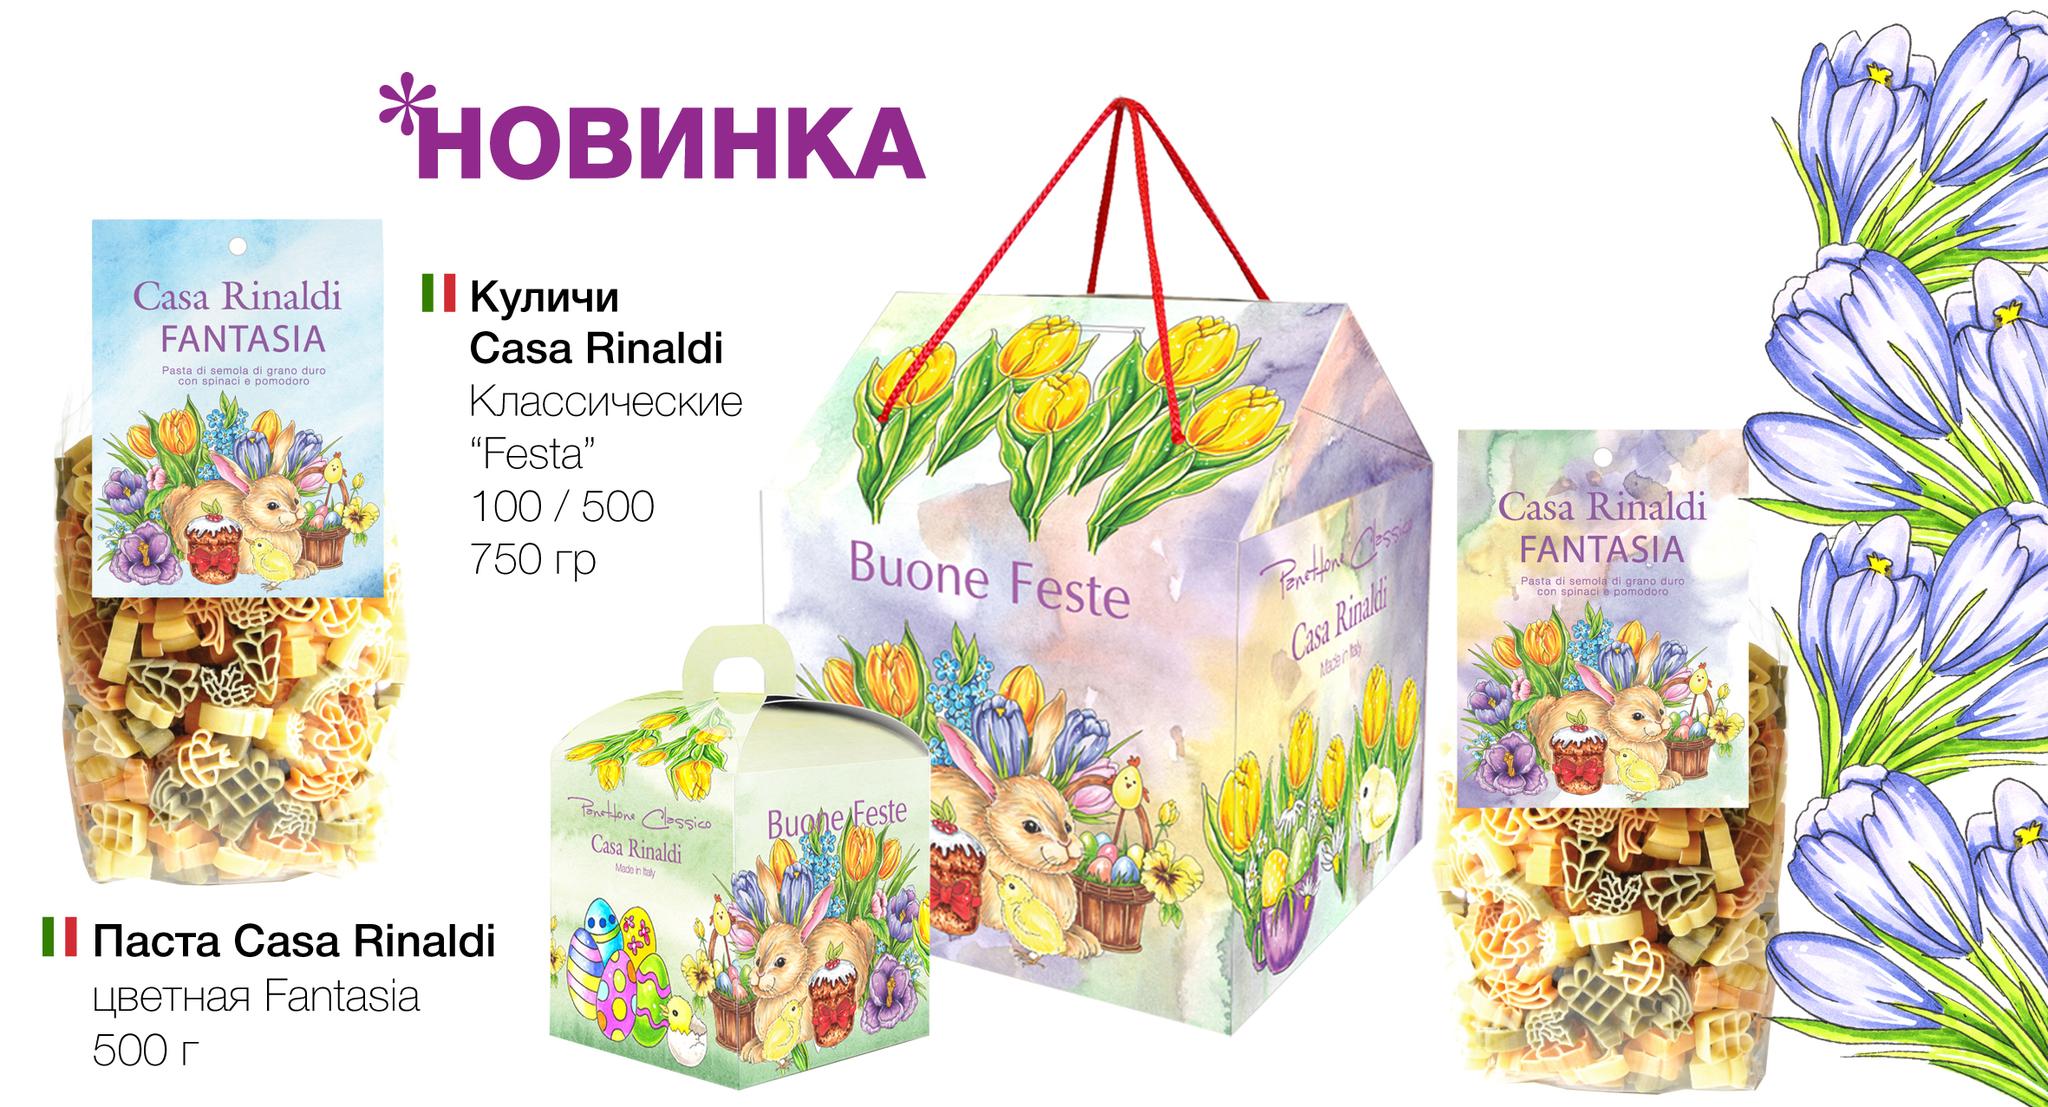 Паста цветная Праздничная Fantasia Casa Rinaldi 500 г